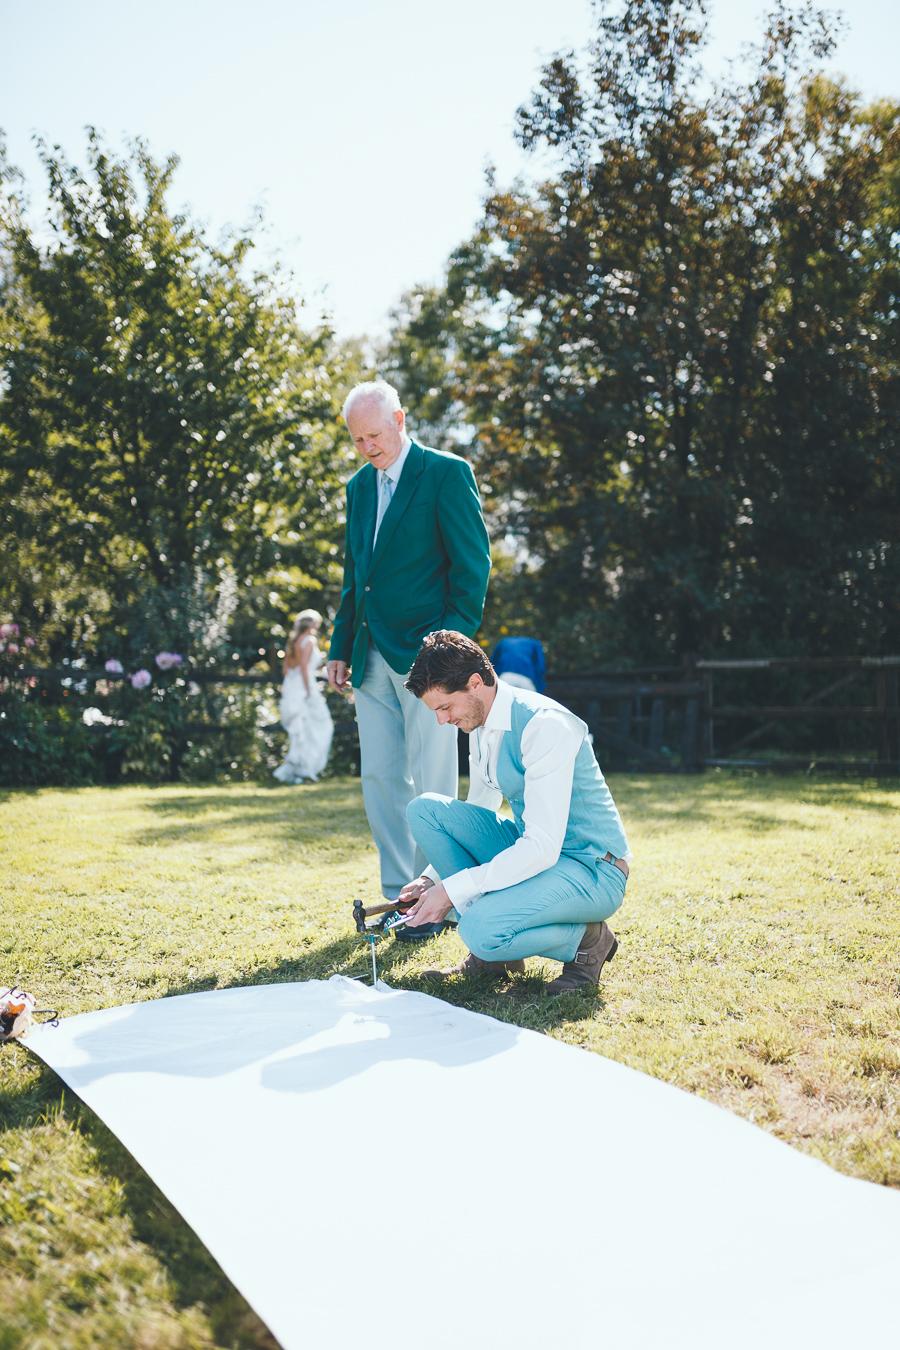 Bruidegom slaat spijker in de witte loper en trouwambtenaar in groene colbert kijkt toe tijdens bruiloft thuis op erf van oude boerderij trouwfotograaf Apeldoorn